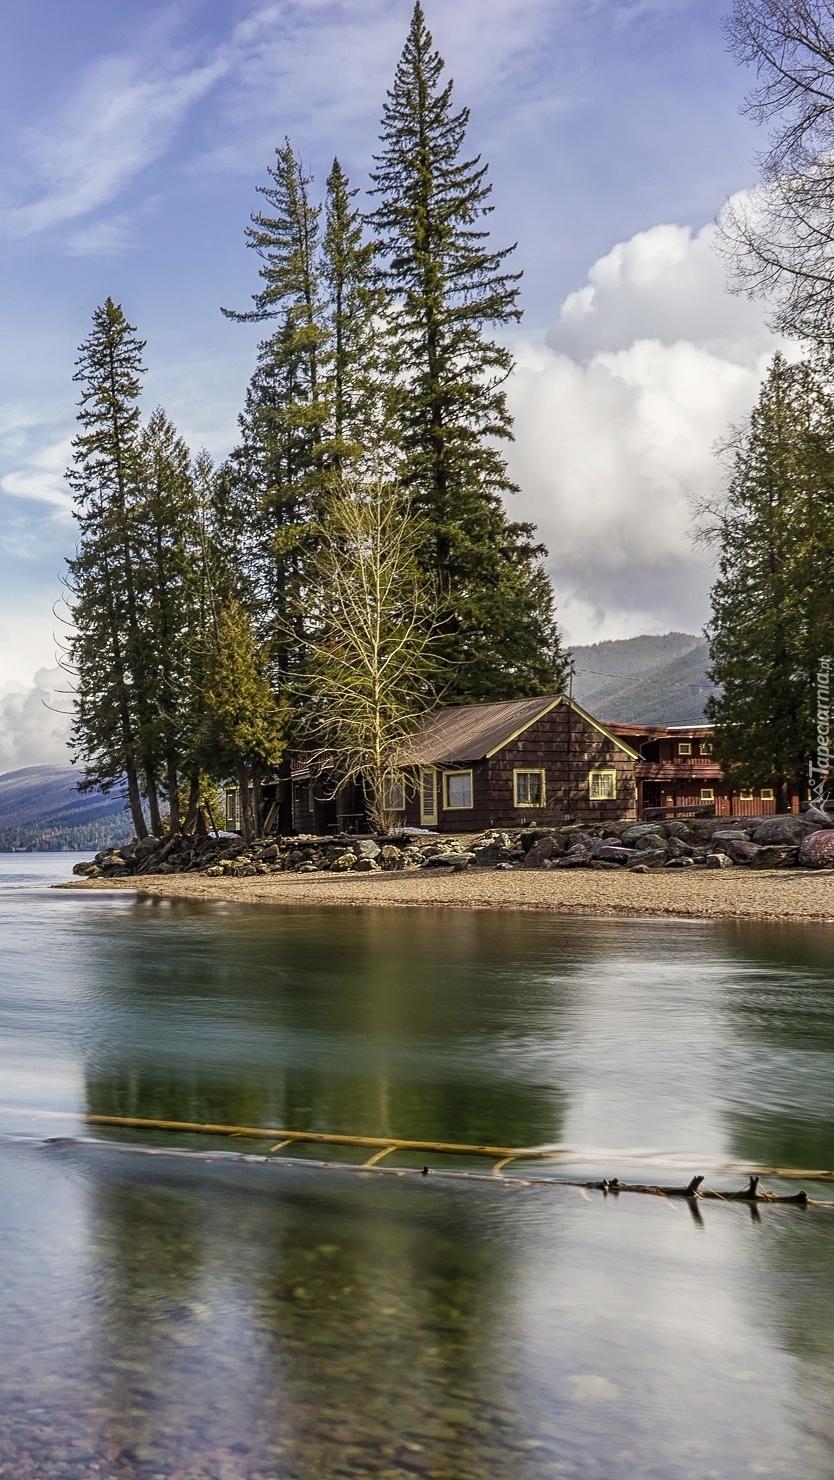 Dom i wysokie drzewa nad rzeką